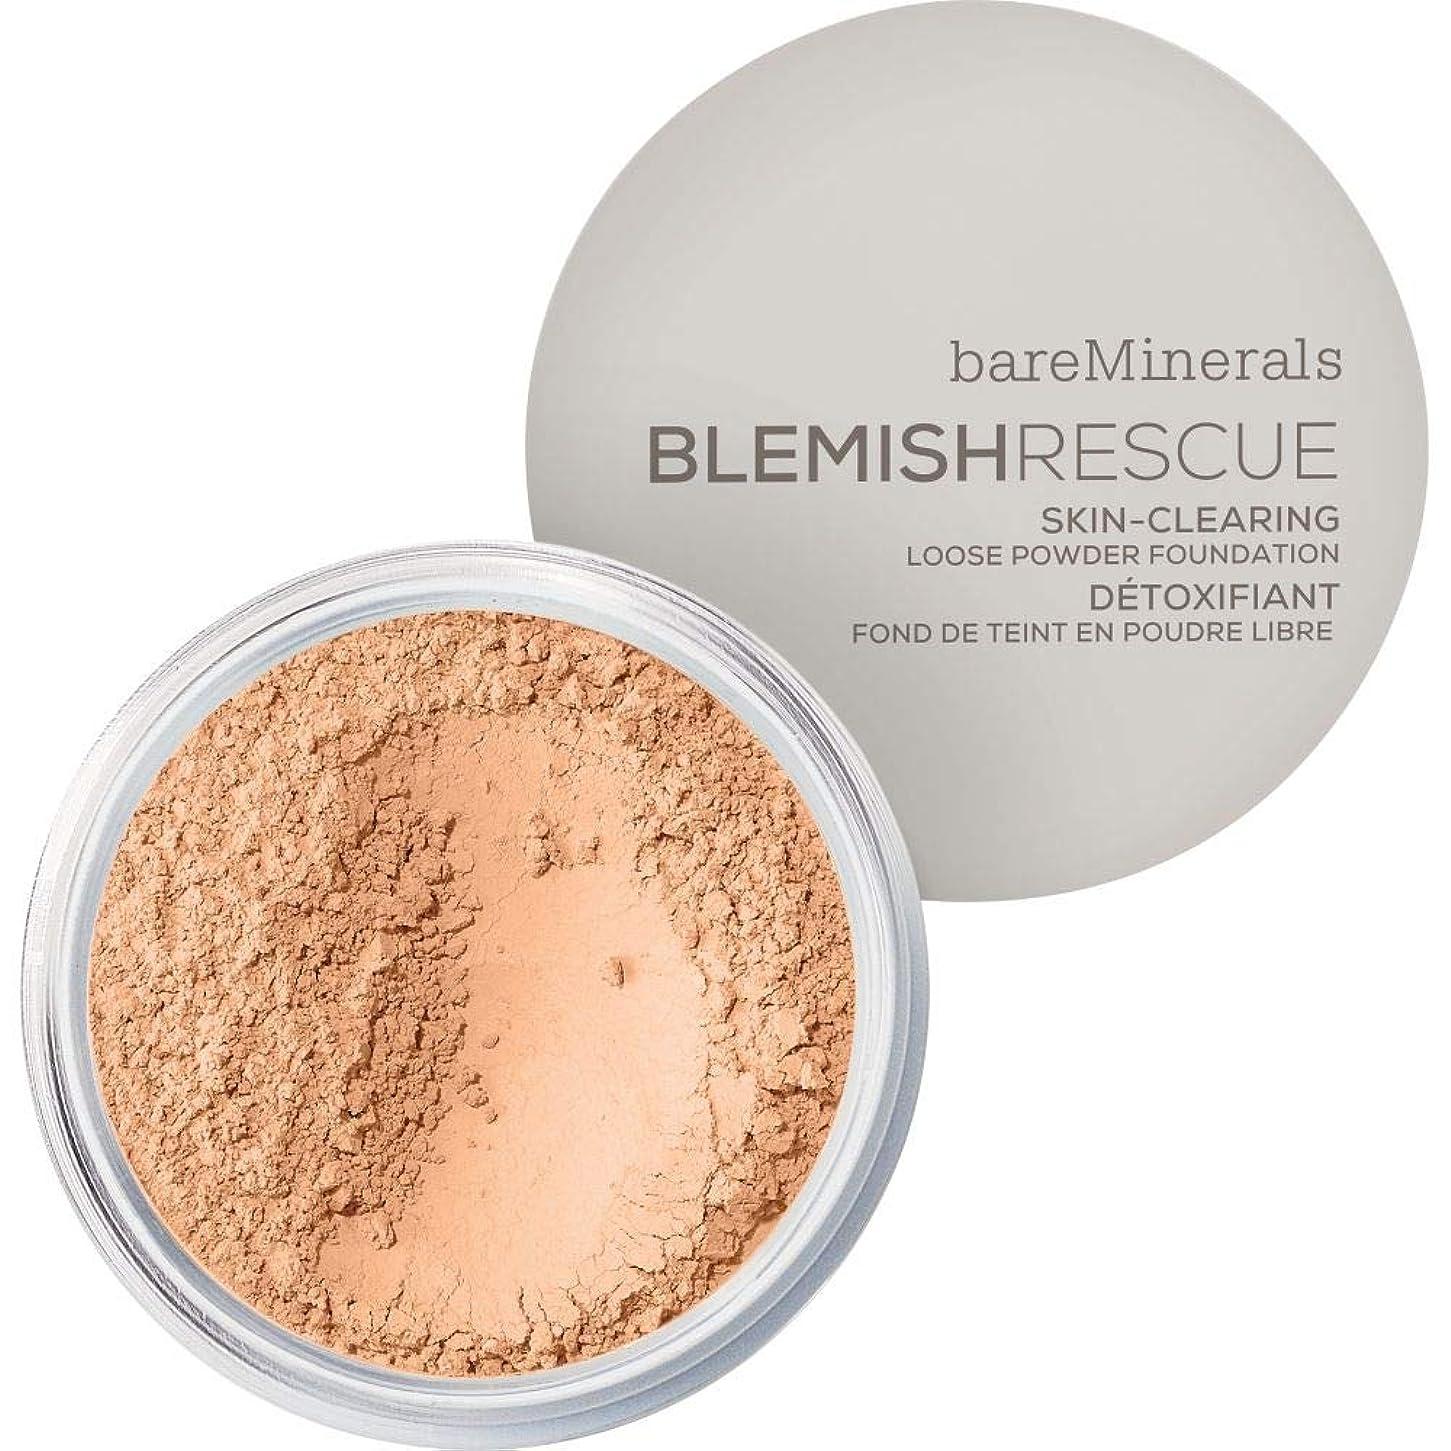 ビルダー気候ペット[bareMinerals ] ベアミネラルは3.5Nwを6Gレスキュースキンクリア緩いパウダーファンデーションを傷 - 黄金のヌード - bareMinerals Blemish Rescue Skin-Clearing Loose Powder Foundation 6g 3.5NW - Golden Nude [並行輸入品]